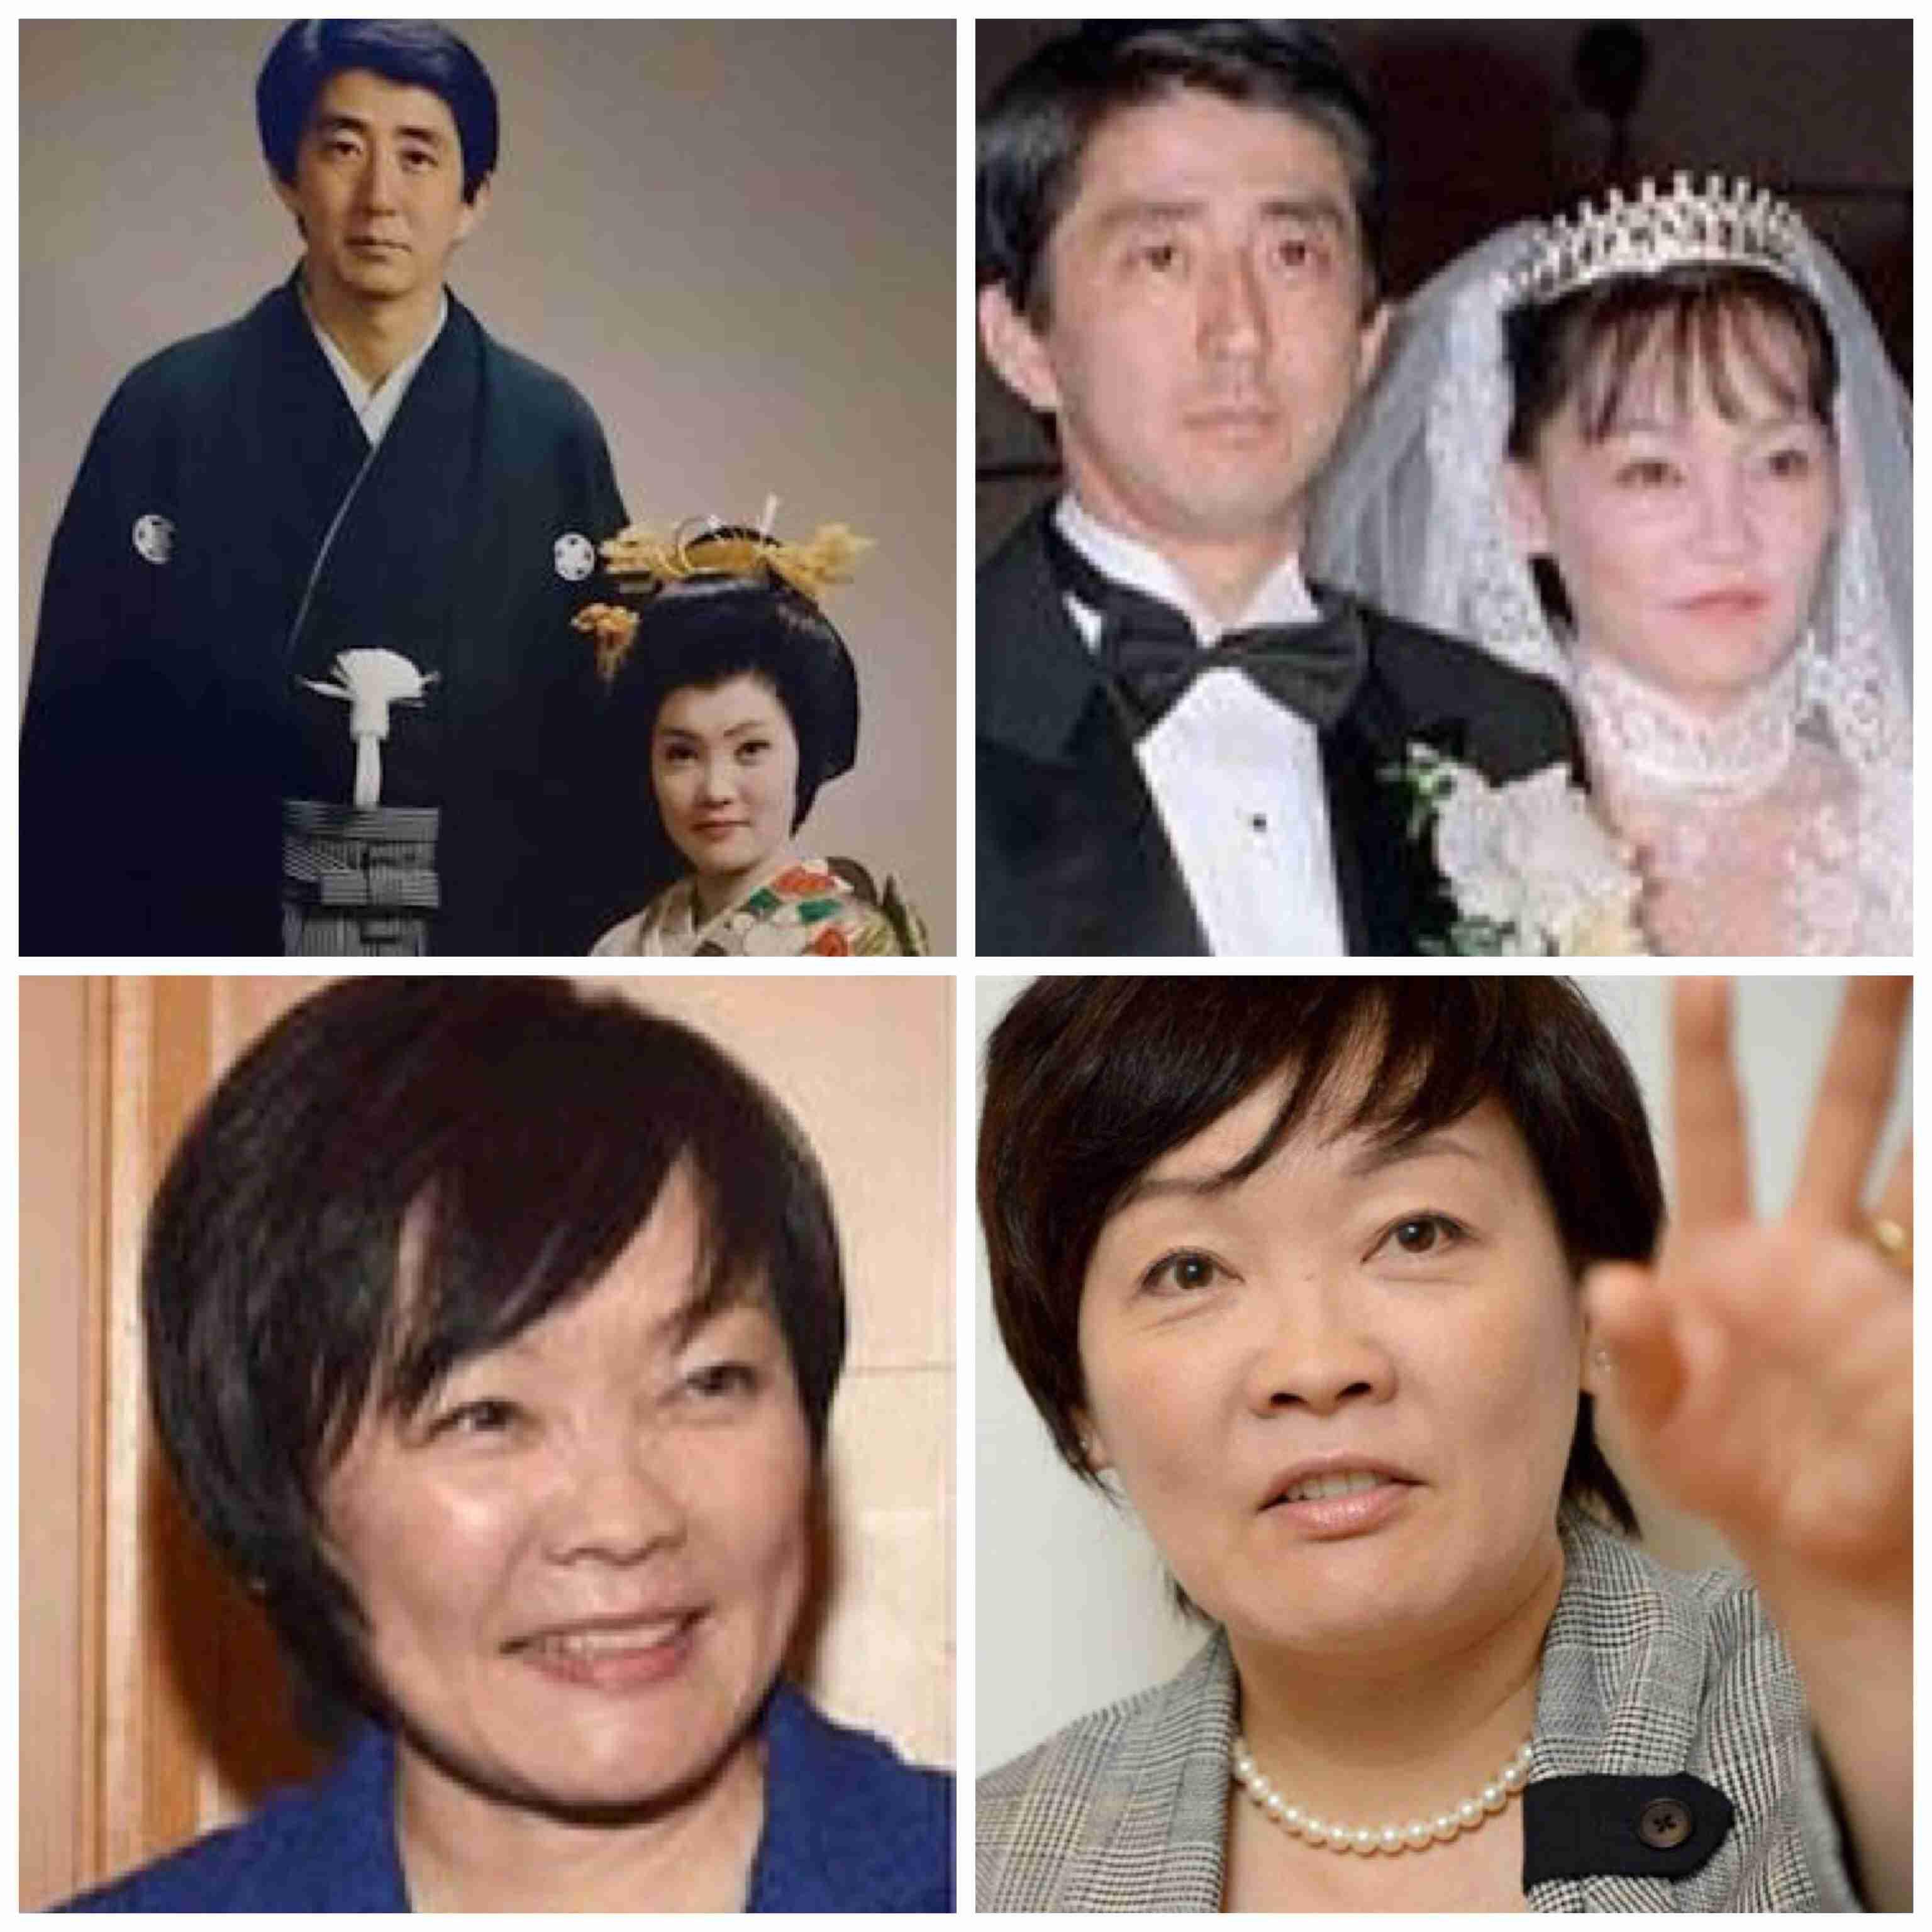 安倍昭恵夫人は「めっちゃパリピ」…みちょぱ、音楽フェスで遭遇していた